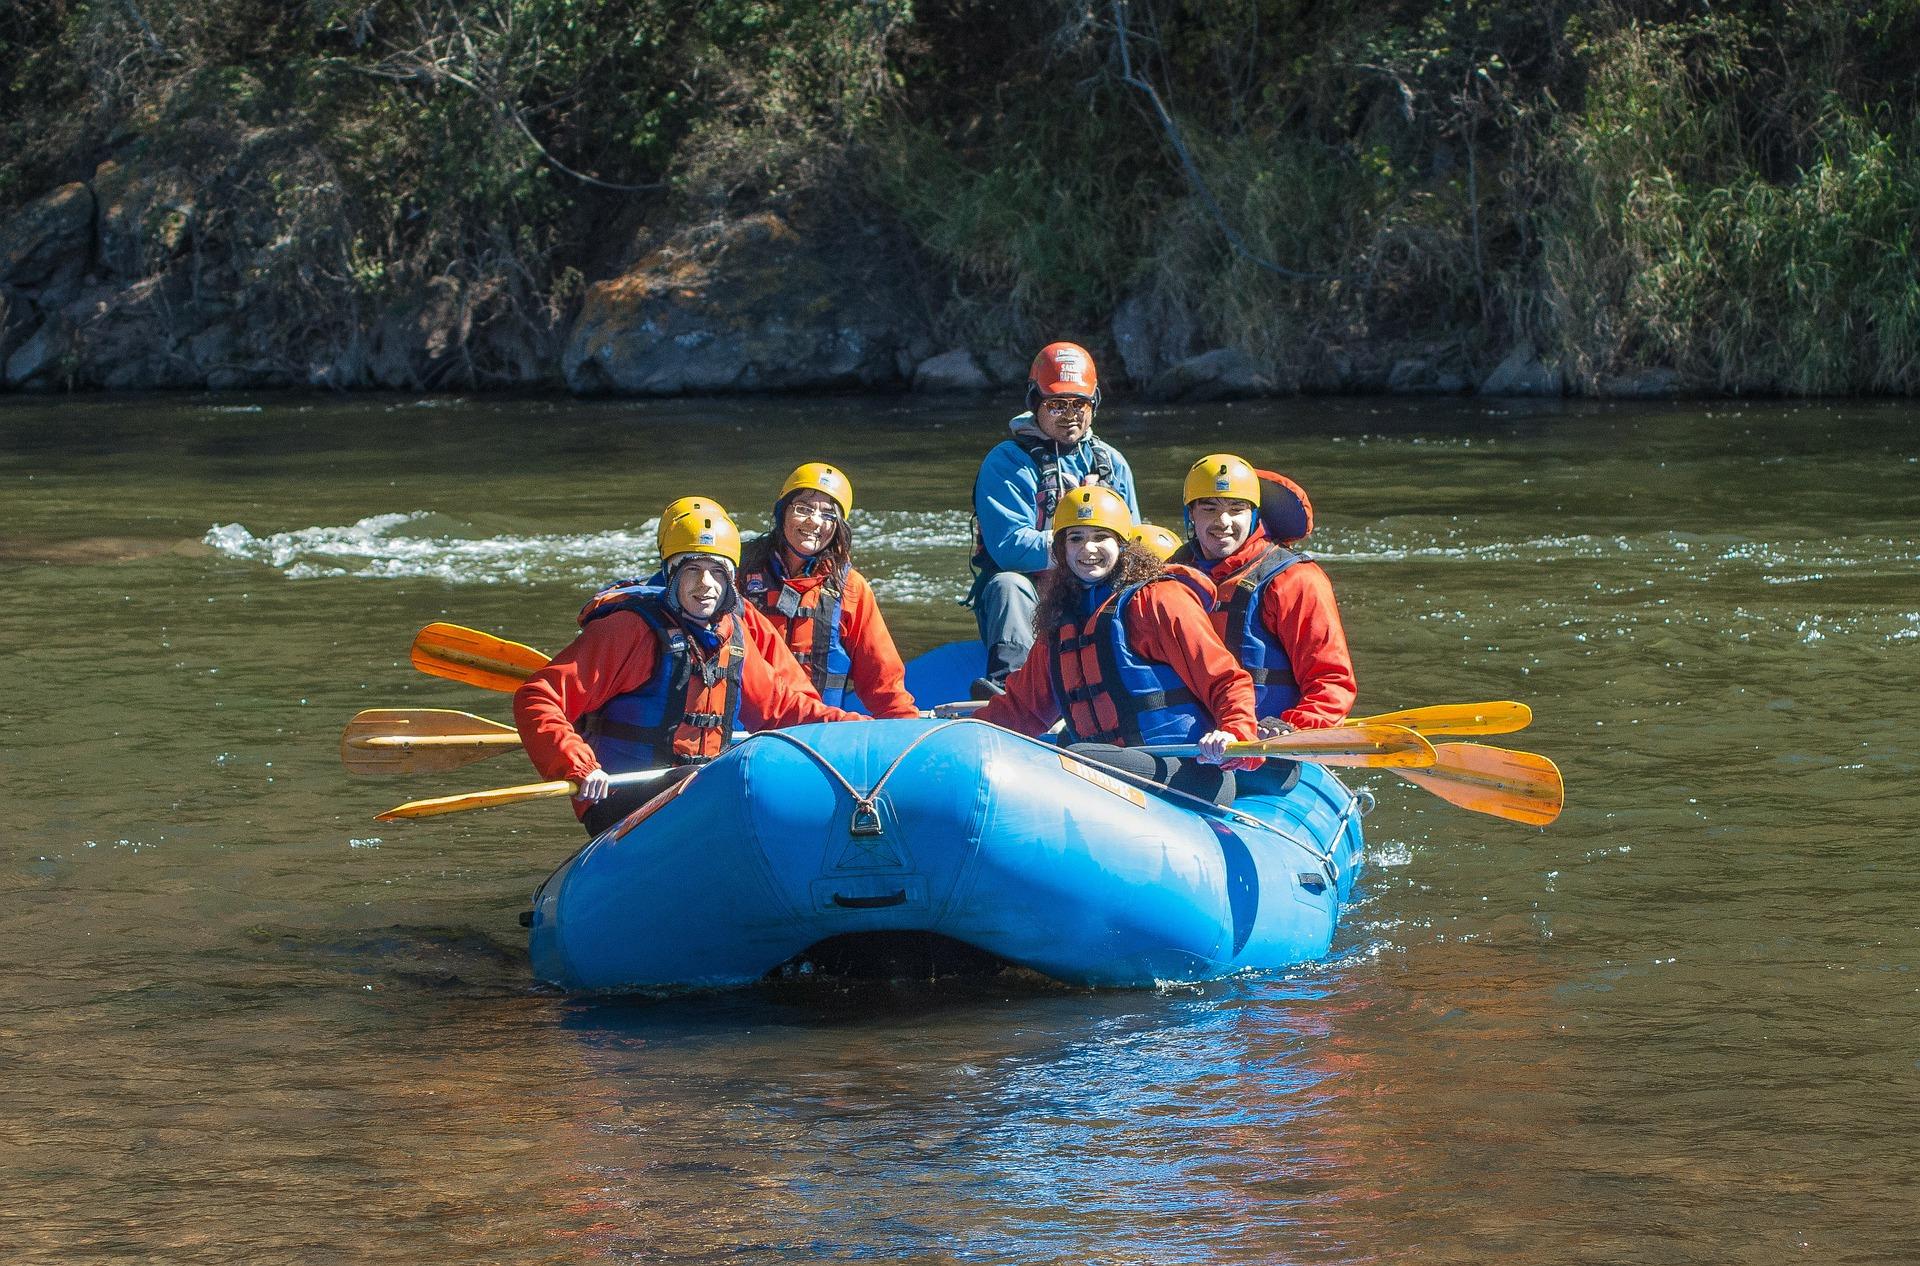 Campingurlaub und Rafting mit der Familie